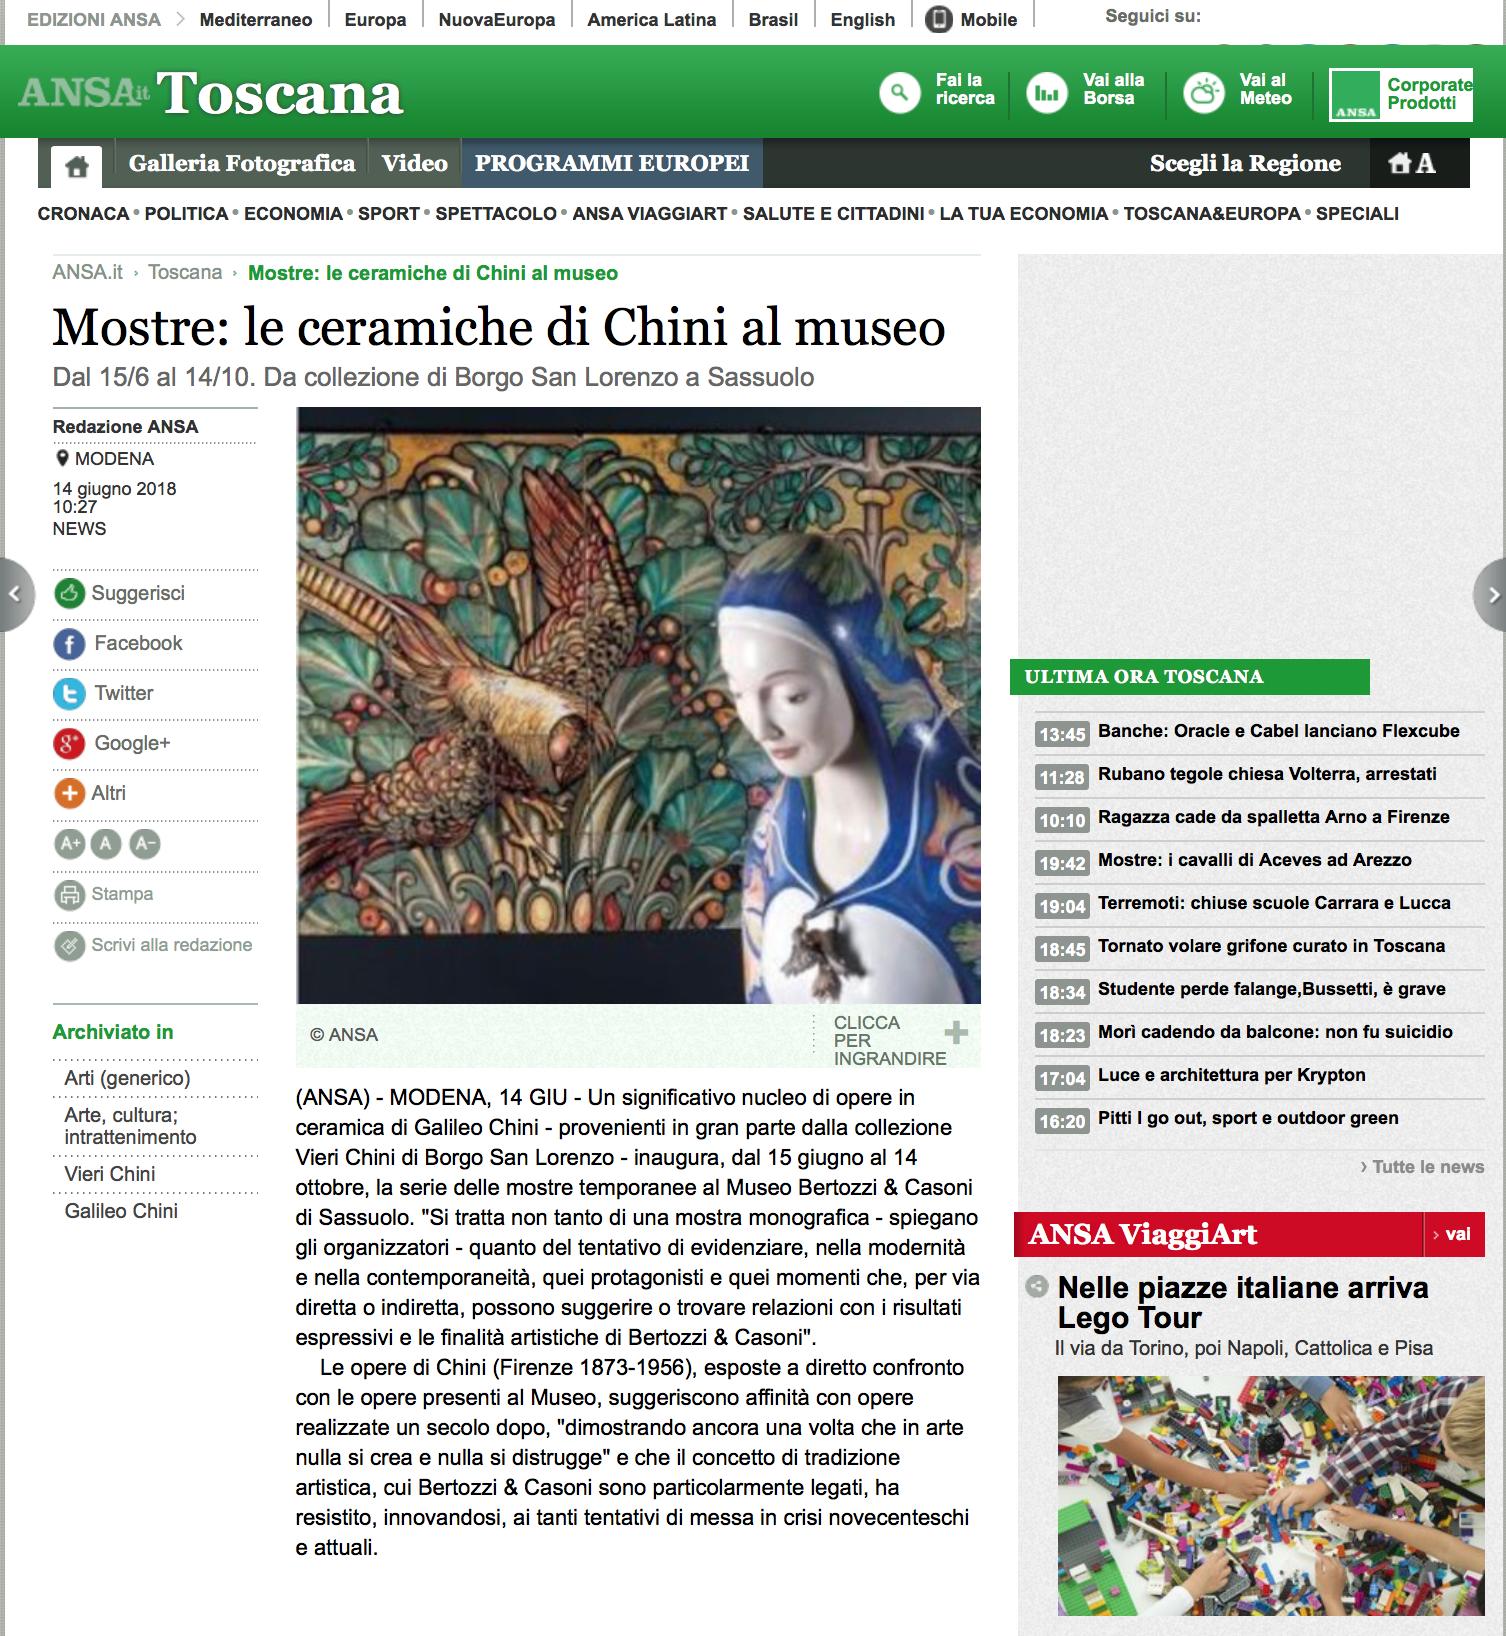 Press – Museo Bertozzi & Casoni